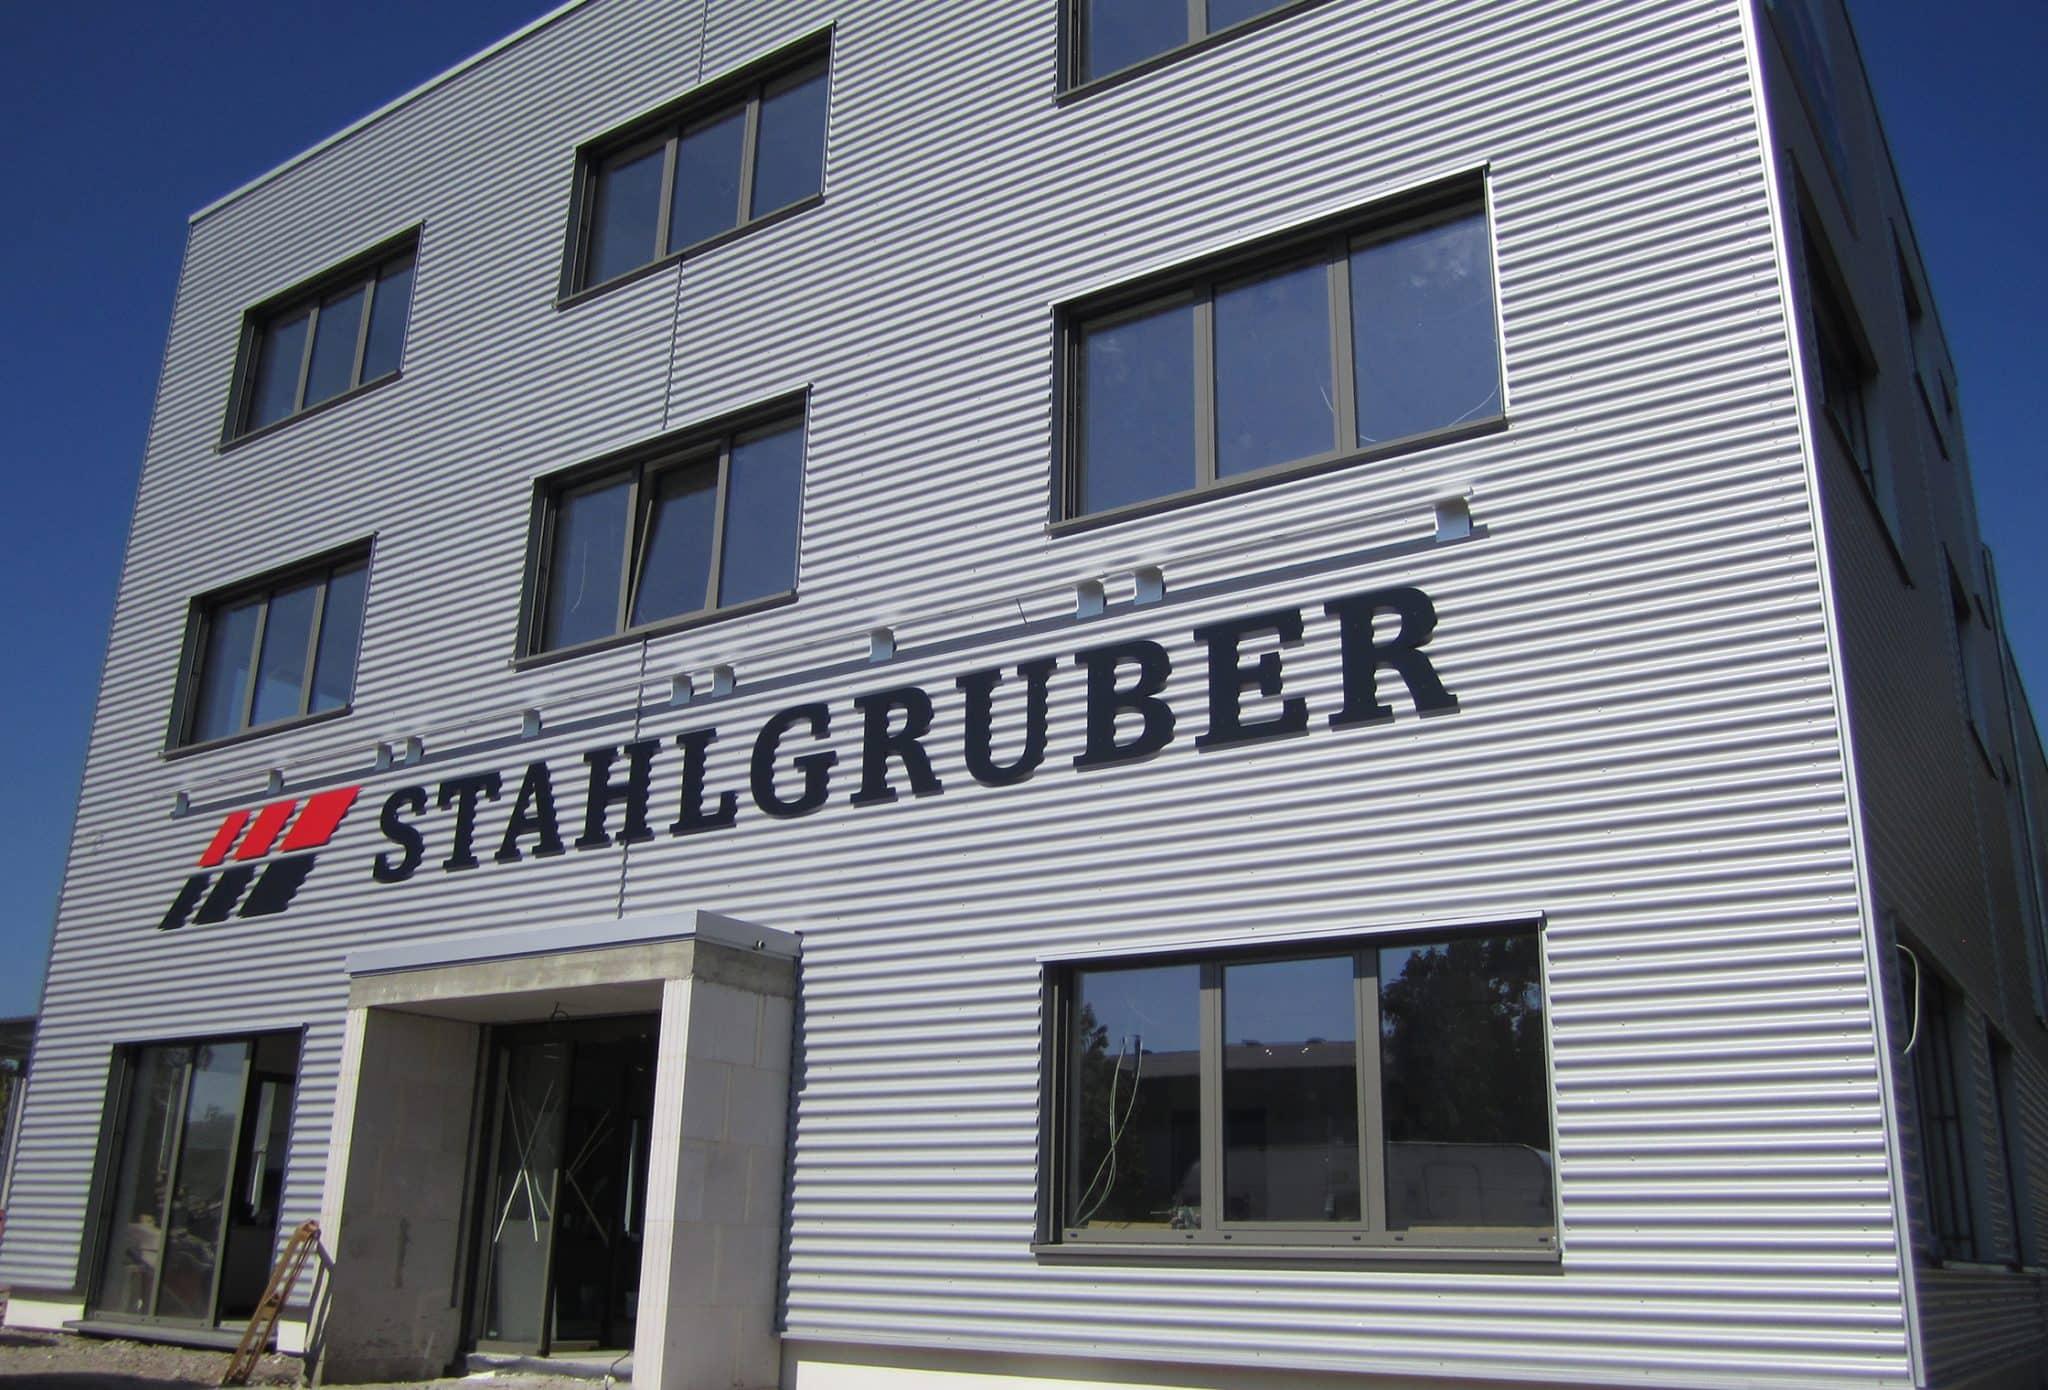 Neubau für Stahlgruber in Karlsruhe